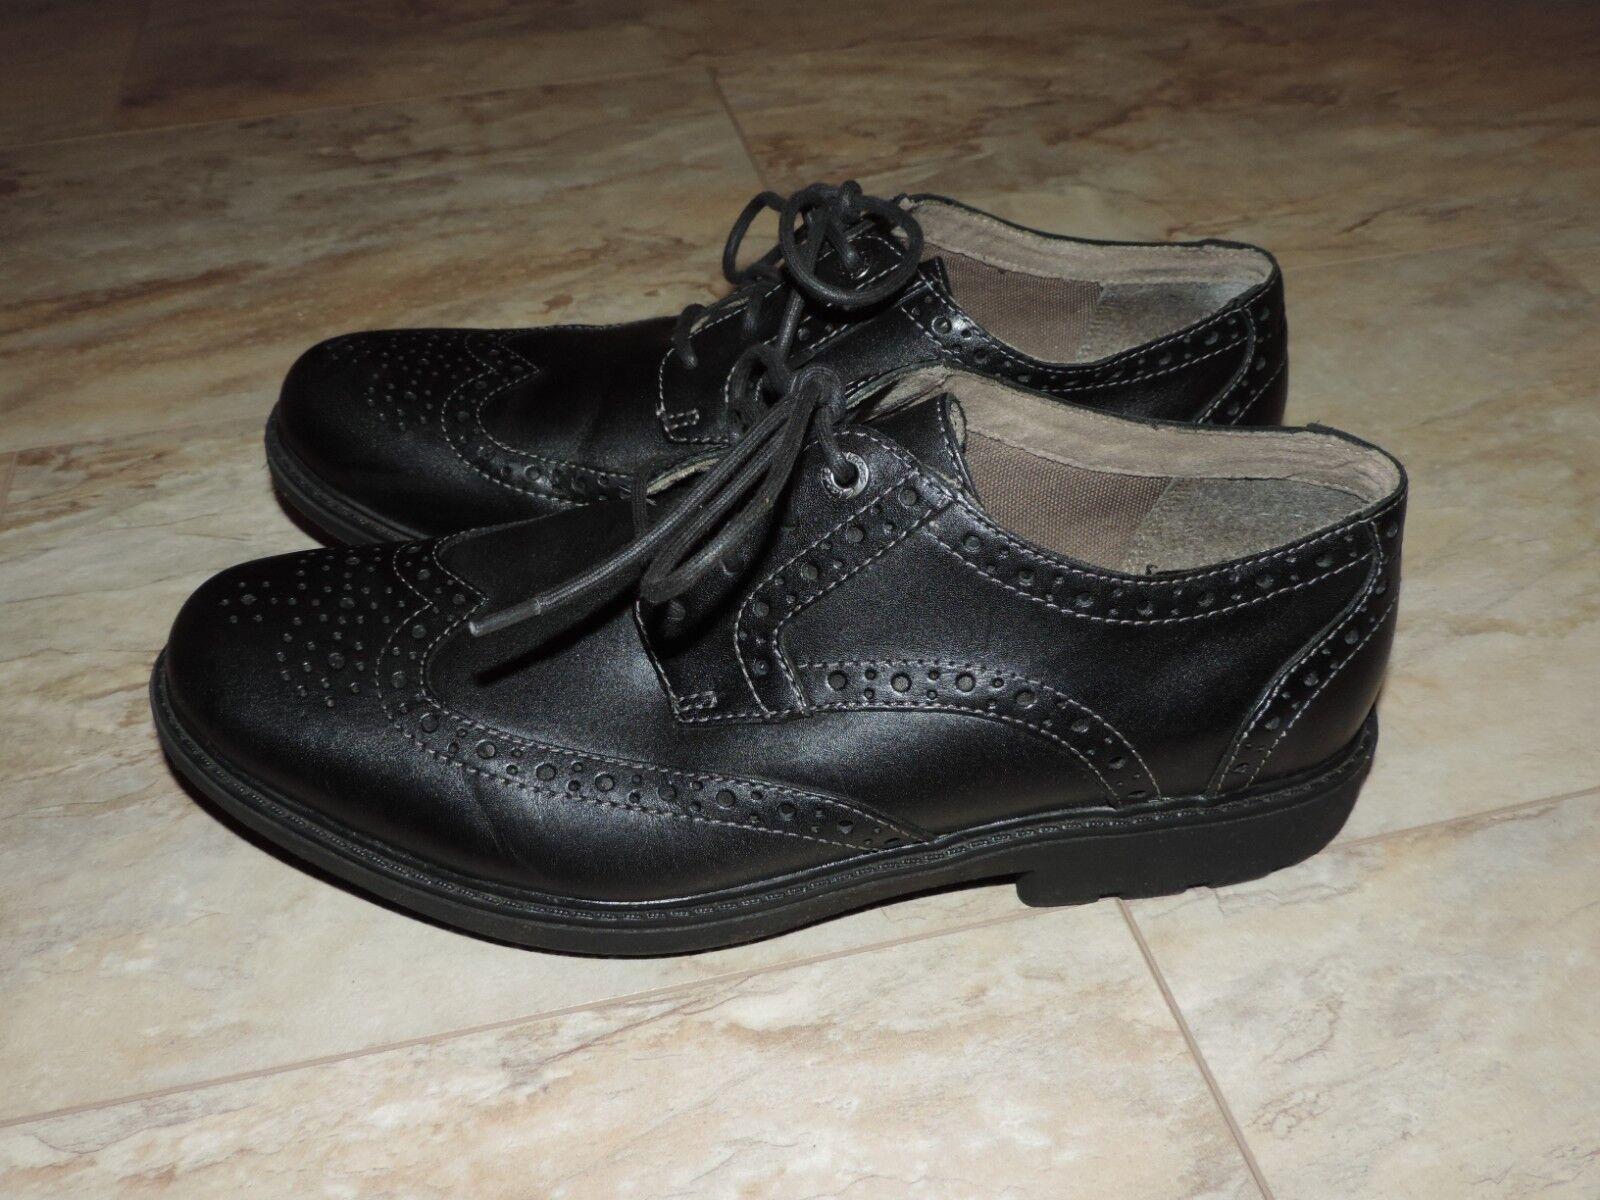 Clarks Herren Schuhe,Budapester, Gr. 44 UK UK 44 9,5, 951eff